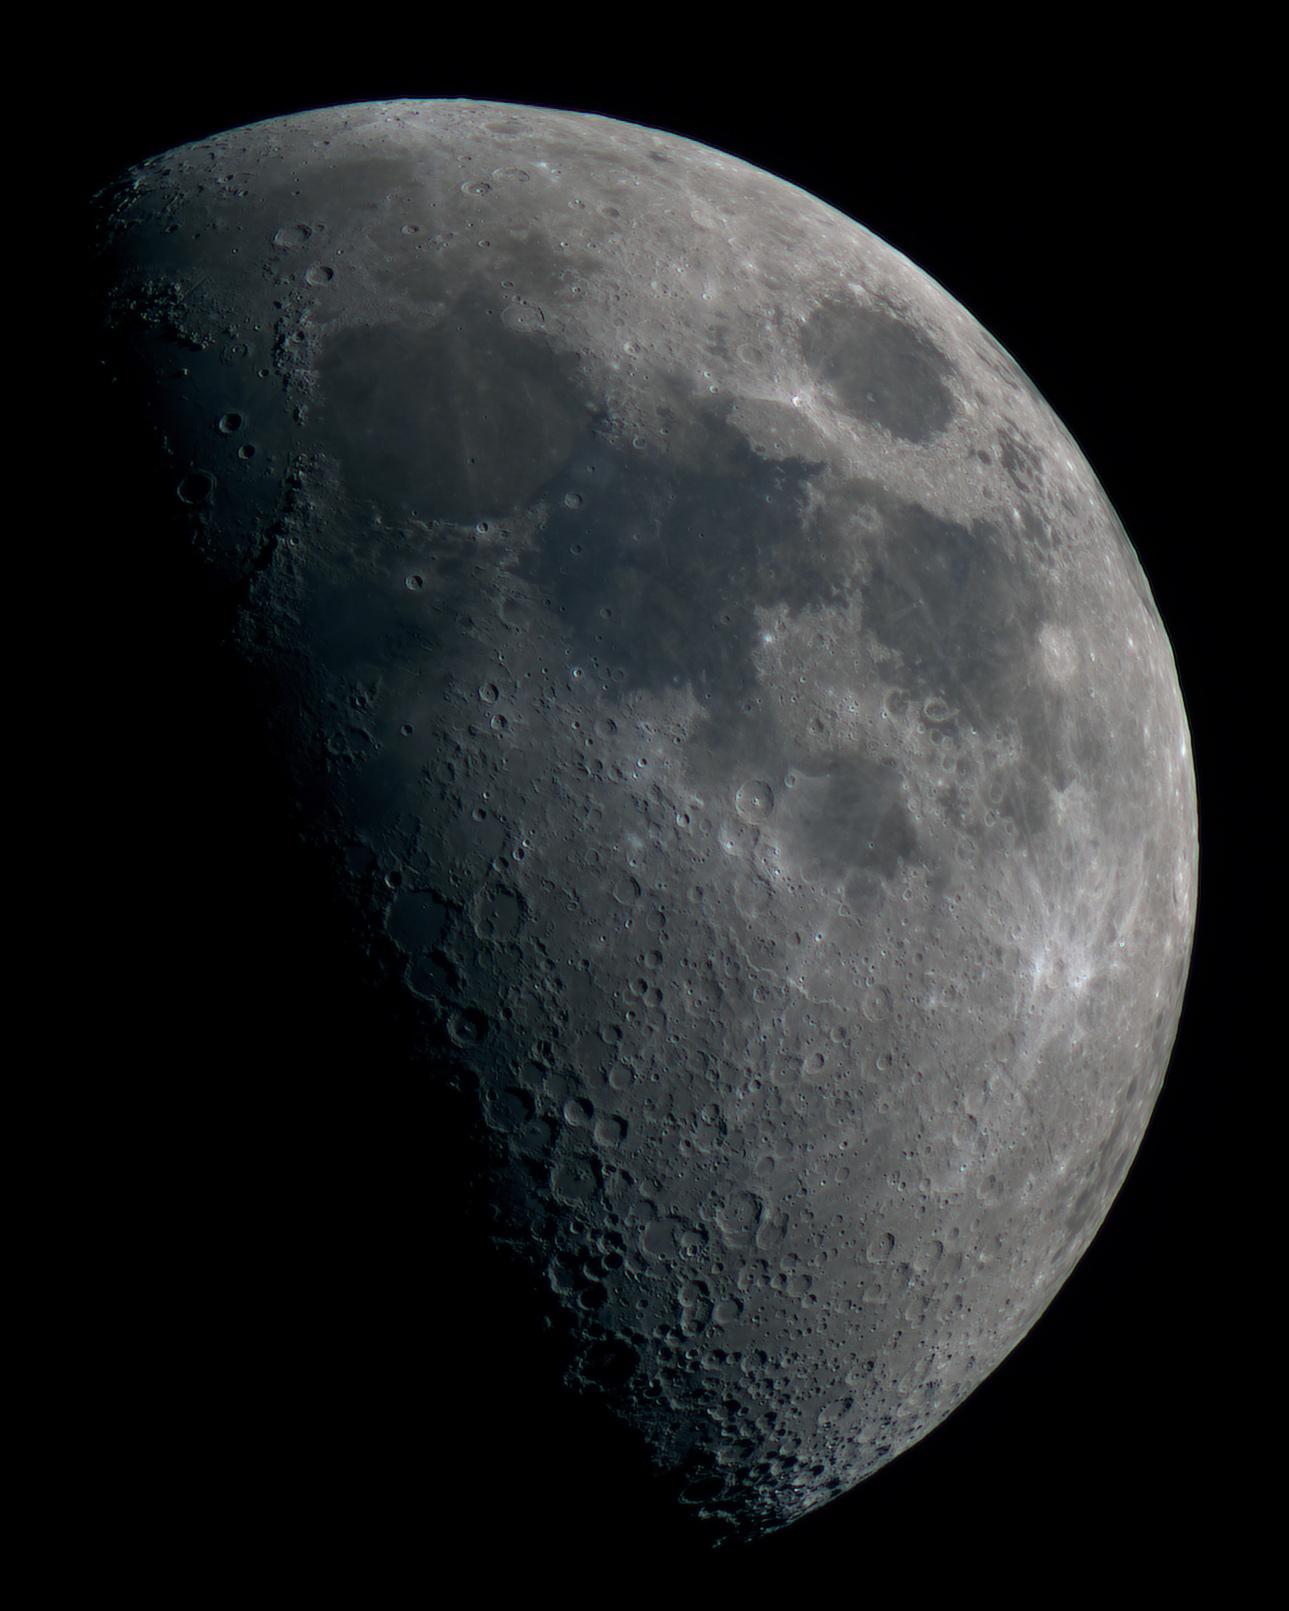 5d00534a37d64_Moon_234828_100619_ZWOASI224MC_RGB_AS_P25_lapl3_ap875_stitch.jpg.d1f1942626114ac15d5f67d84b0a8f8a.jpg